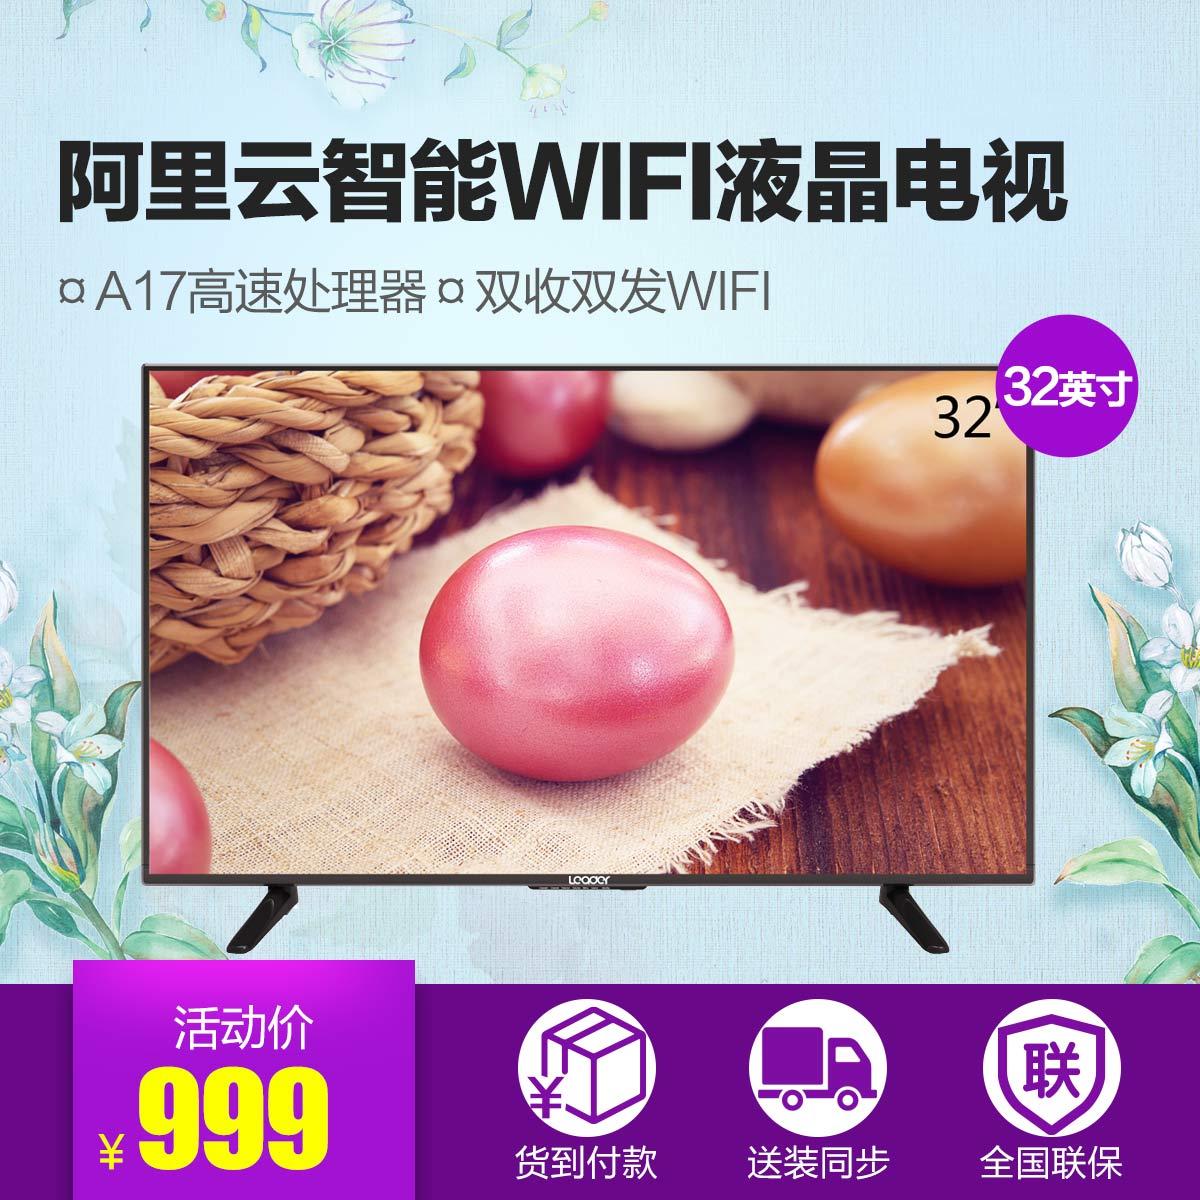 32英寸阿里云OS智能WIFI液晶电视,A17高速处理器,双核GPU,双收双发WIFI,炫彩高清屏,支持淘宝购物,海量影视和教育资源,智能无线卧室宝 A32N